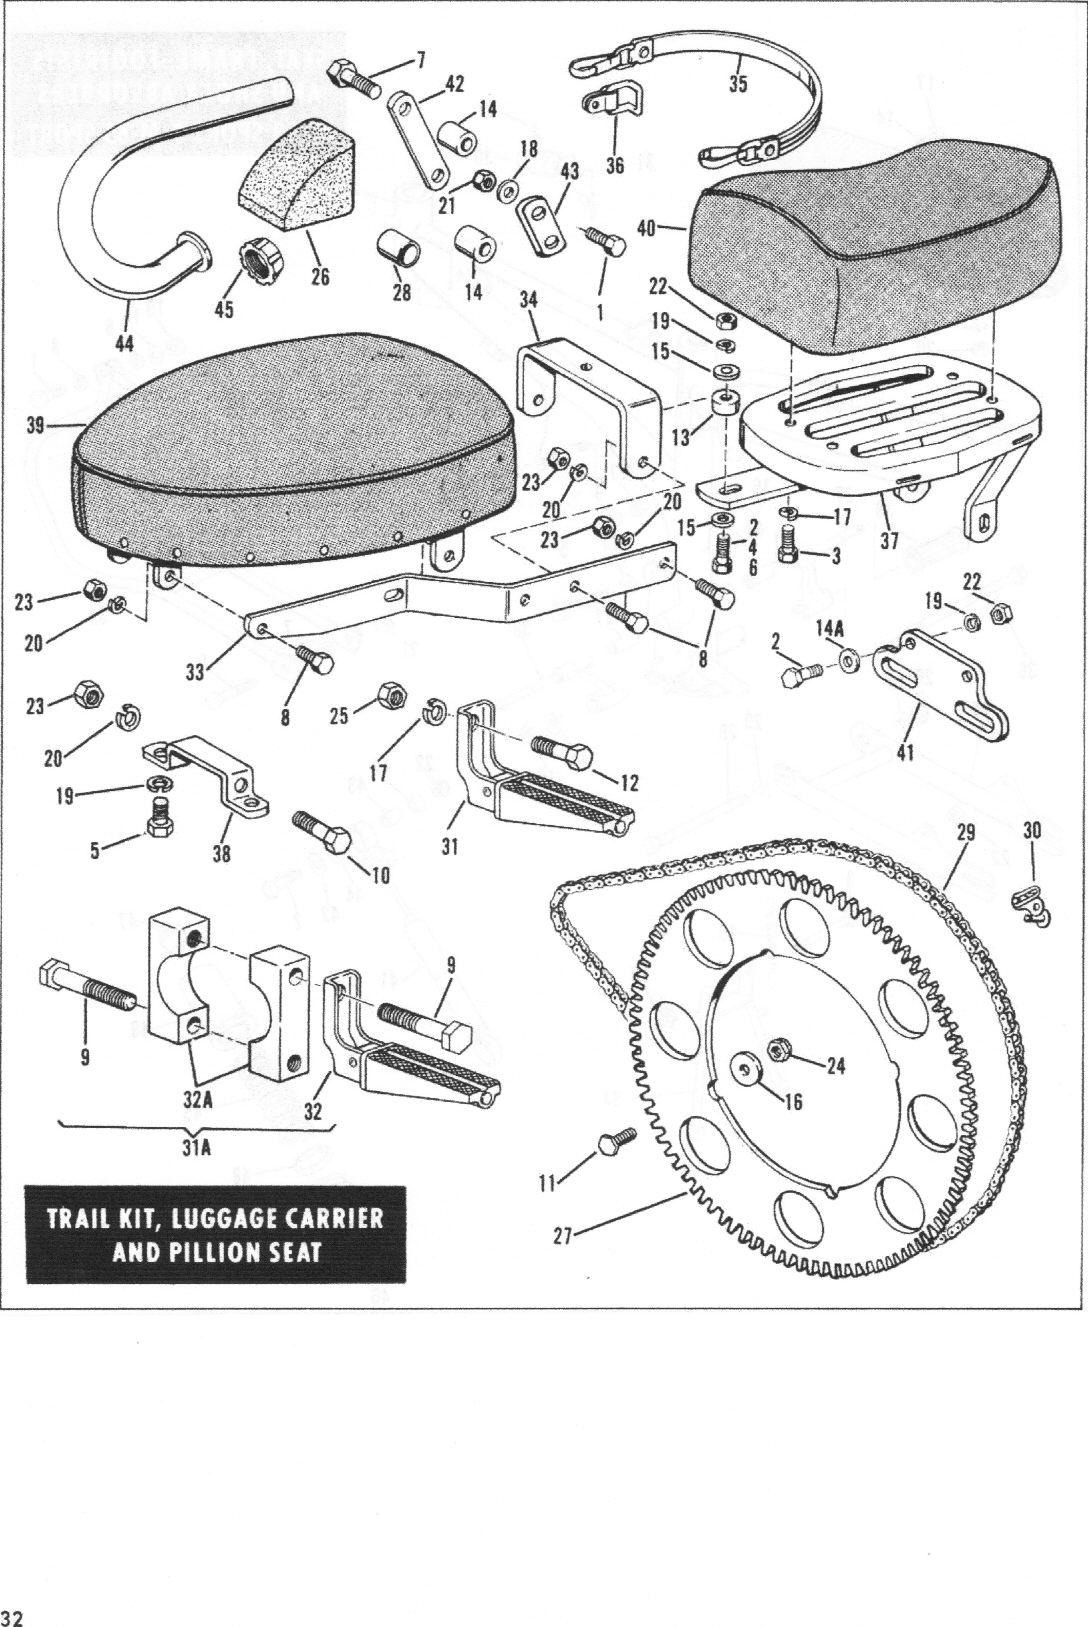 2005 Harley Road King Parts Breakdown Davidson Wiring Diagram Steering Smart Diagrams U Emgsolutions Co